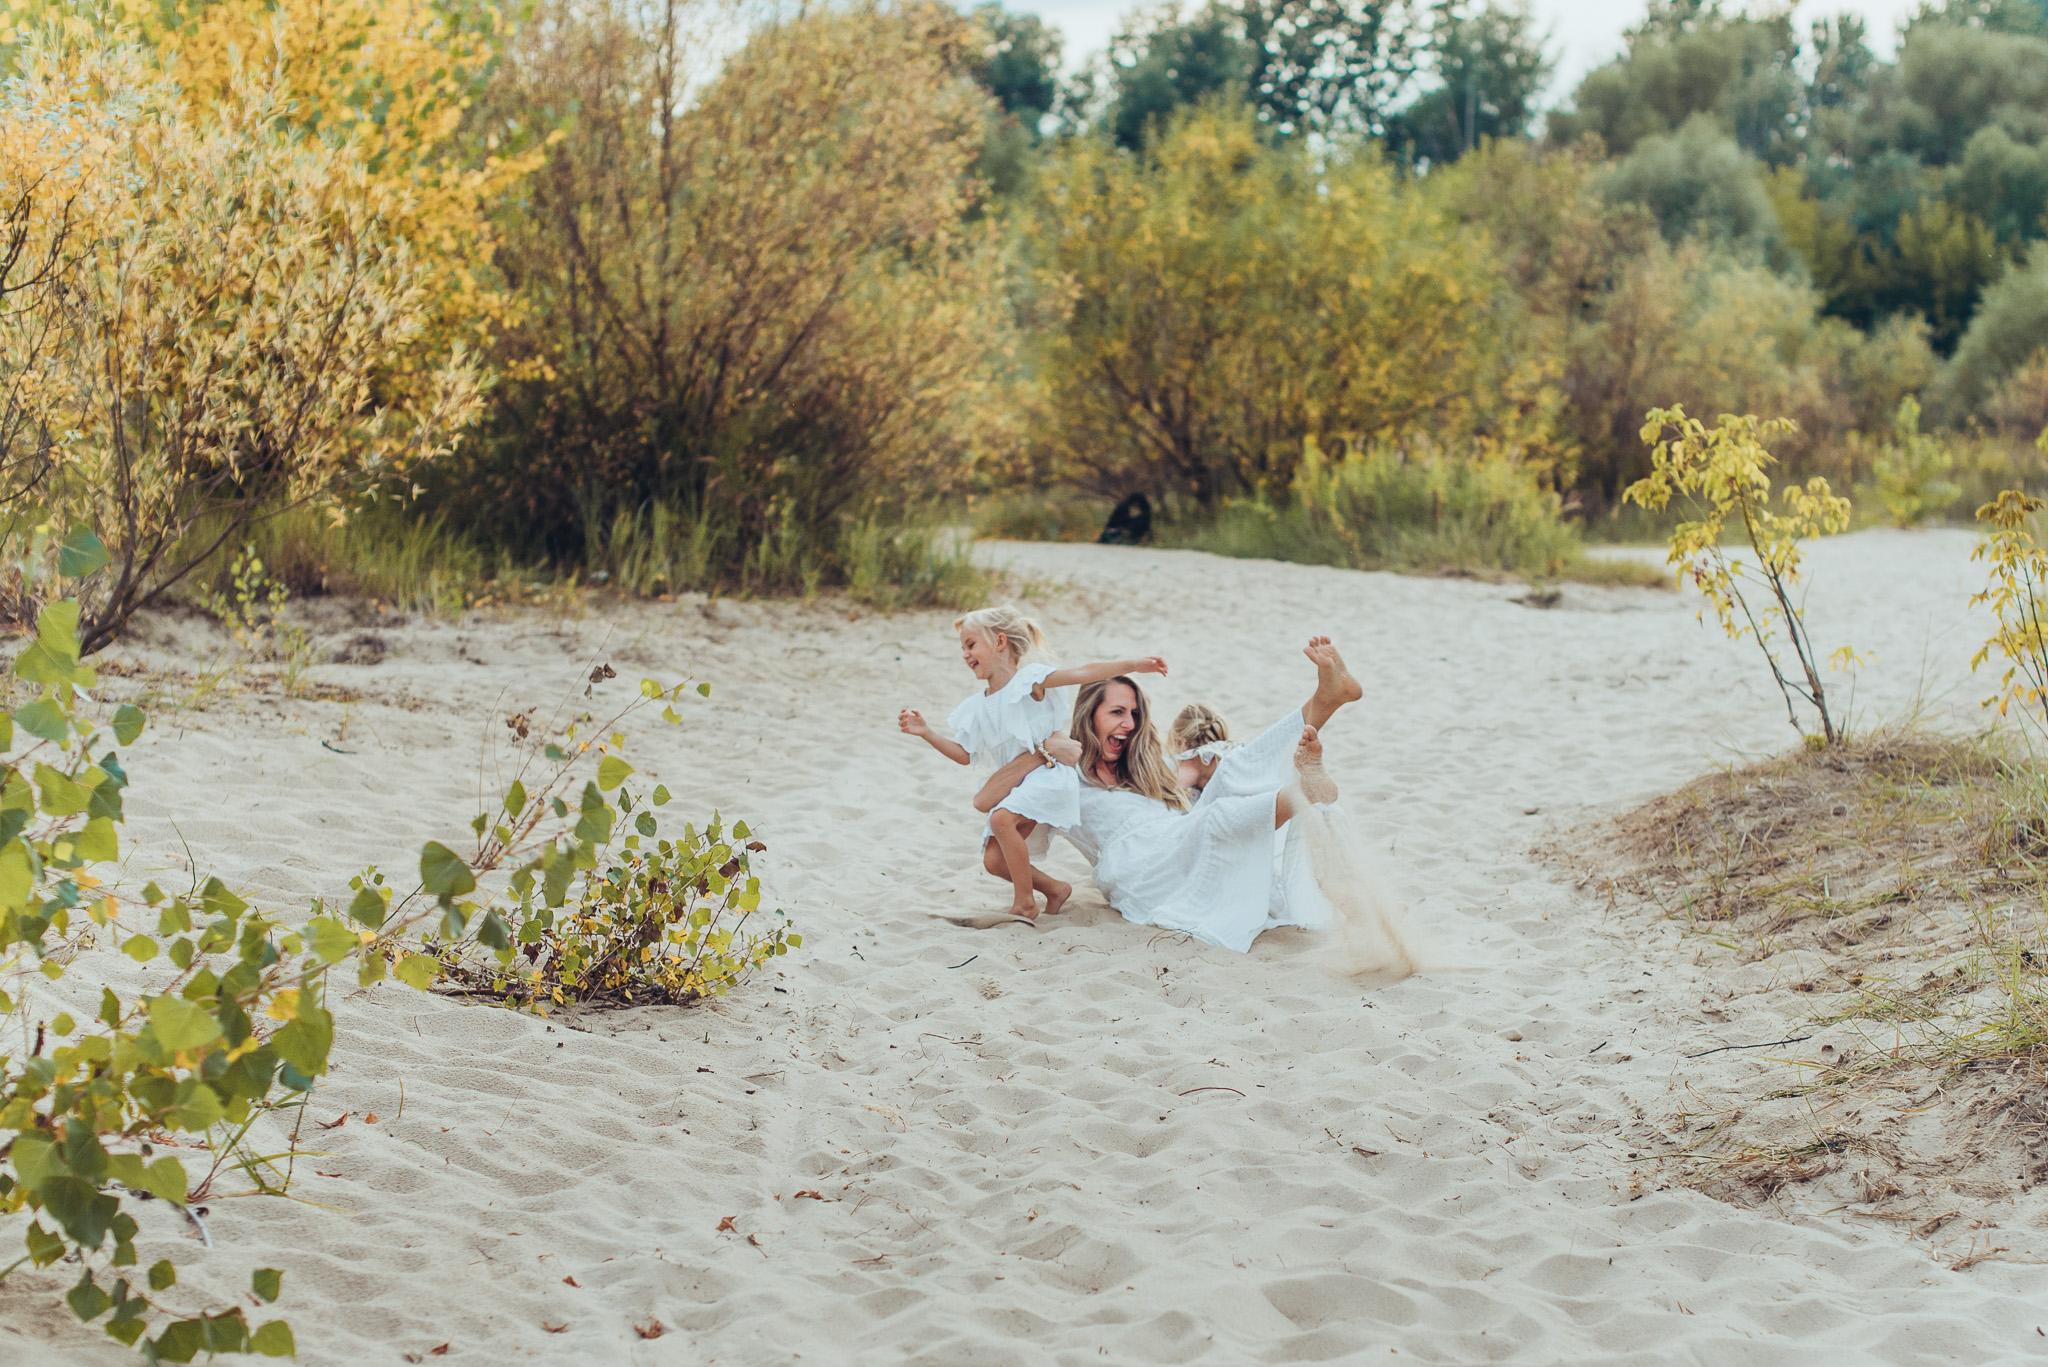 sesja rodzinna na plaży warszawa ciszyca konstancin